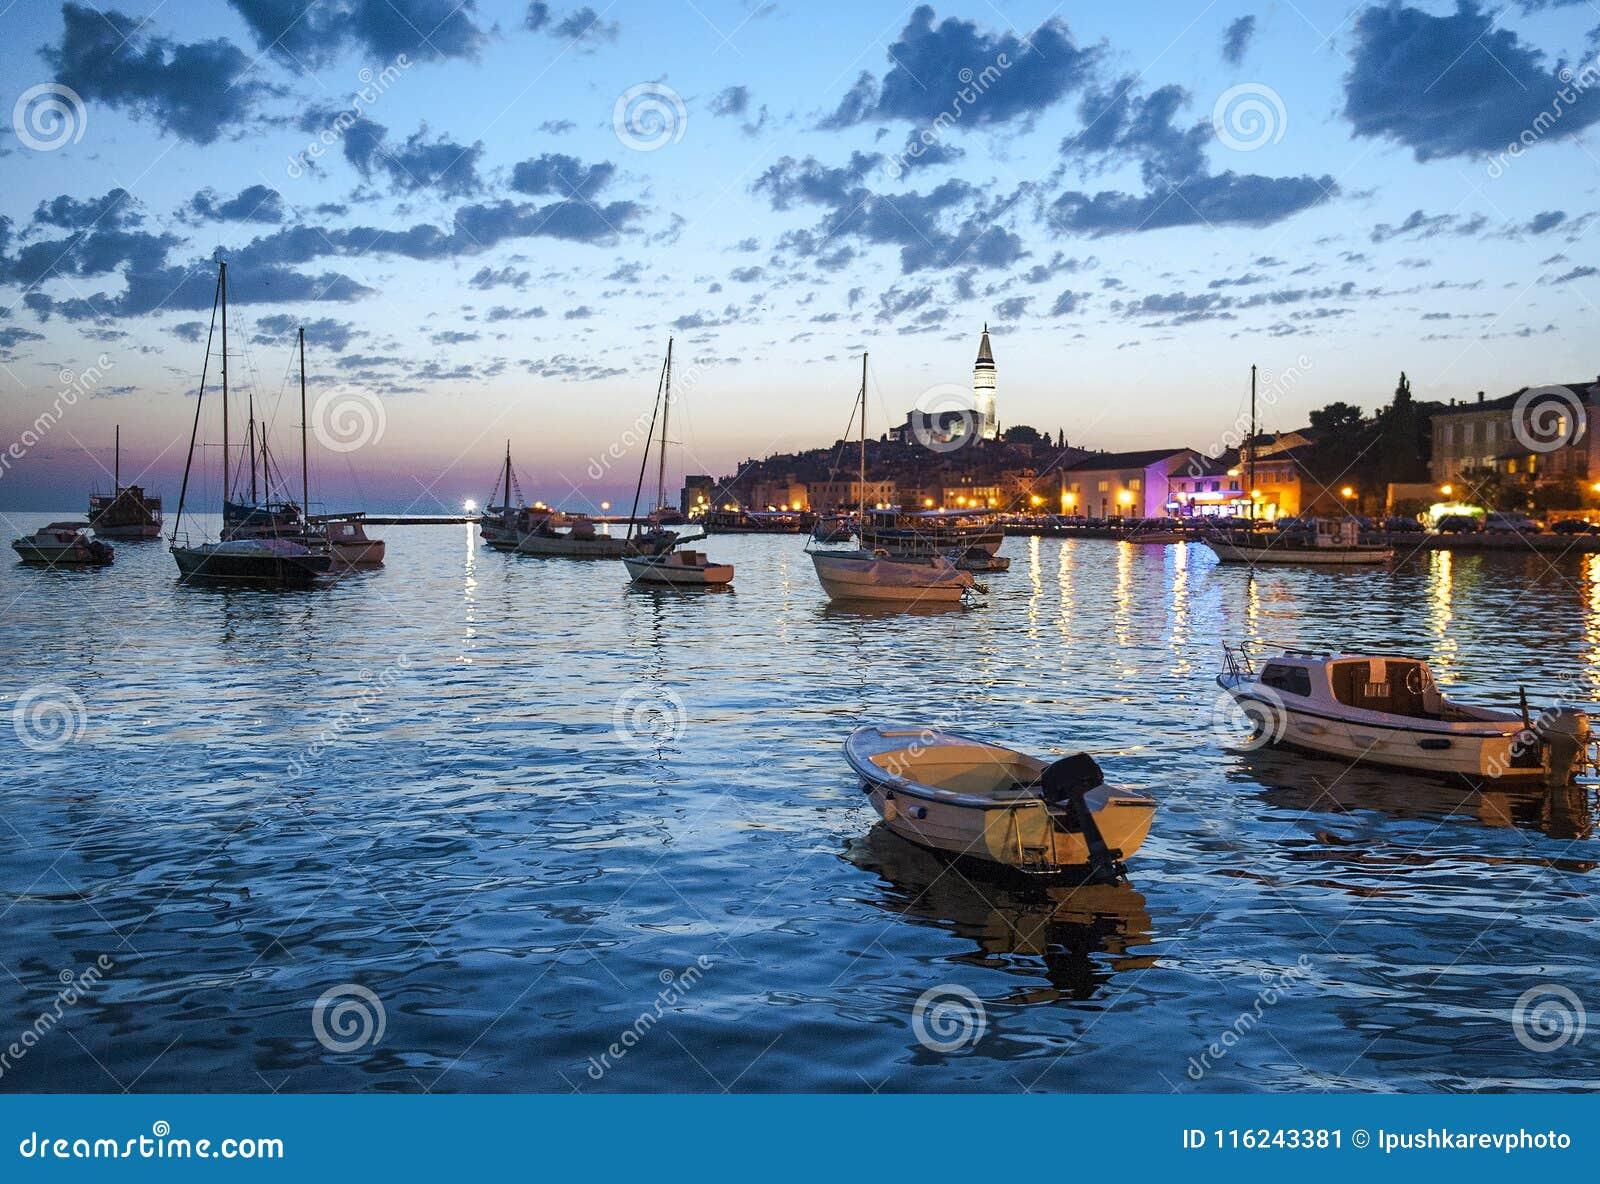 Noc widok piękny grodzki Rovinj w Istria, Chorwacja Wieczór w starym Chorwackim mieście, nocy scena z wodnymi odbiciami